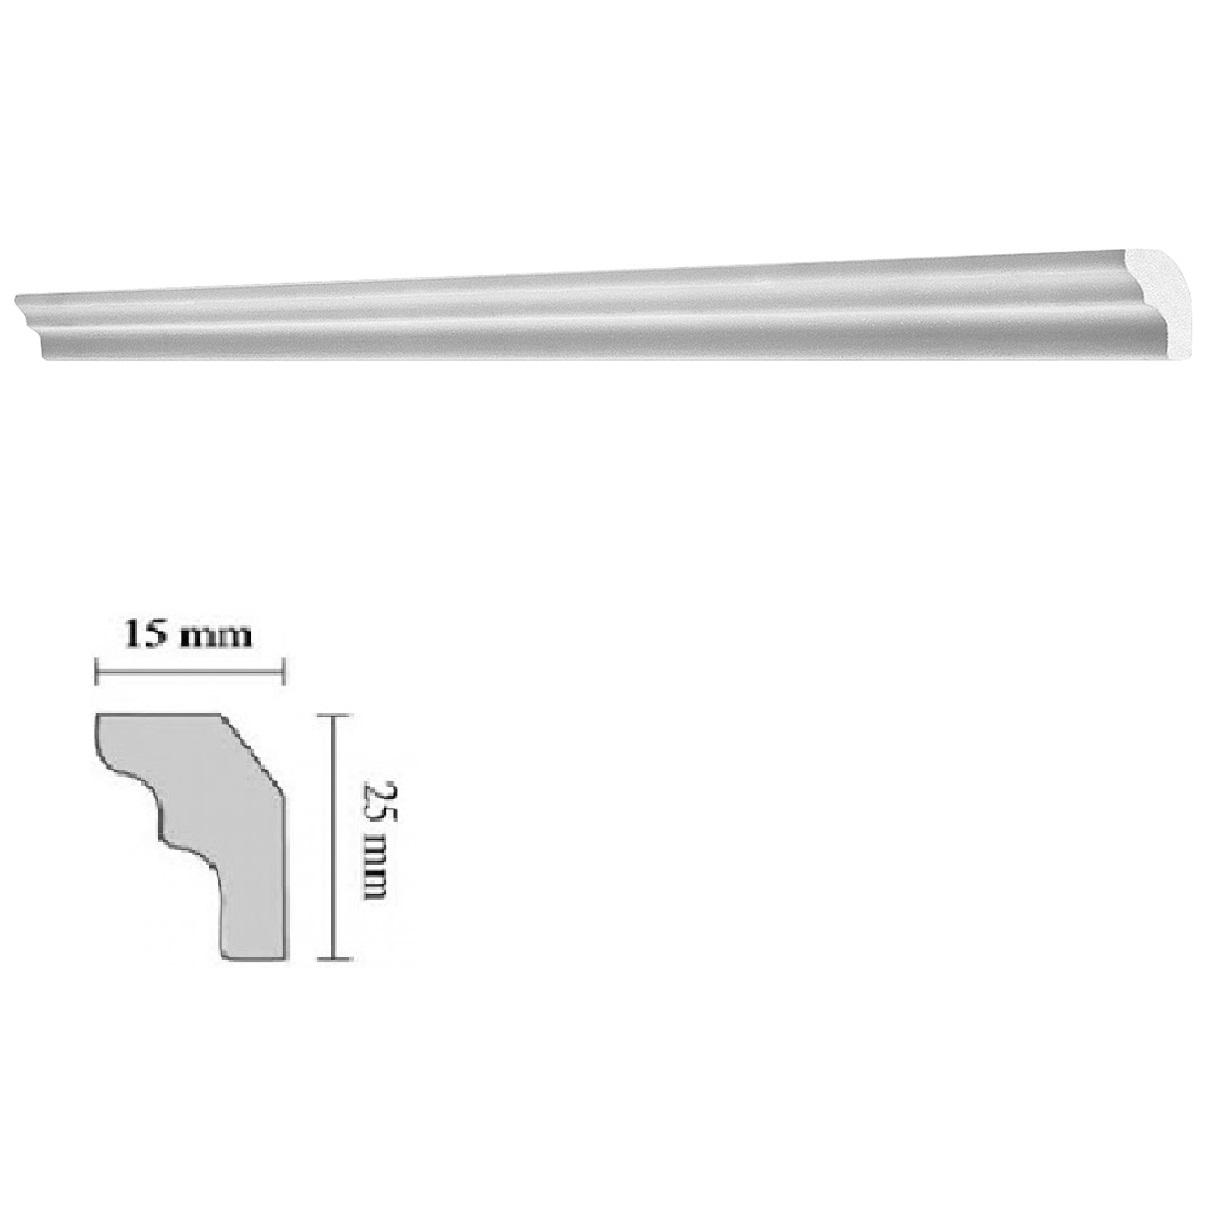 Baghete decorative Decosa- E25 (15x25mm)x176buc cod 13044 2021 davopro.ro